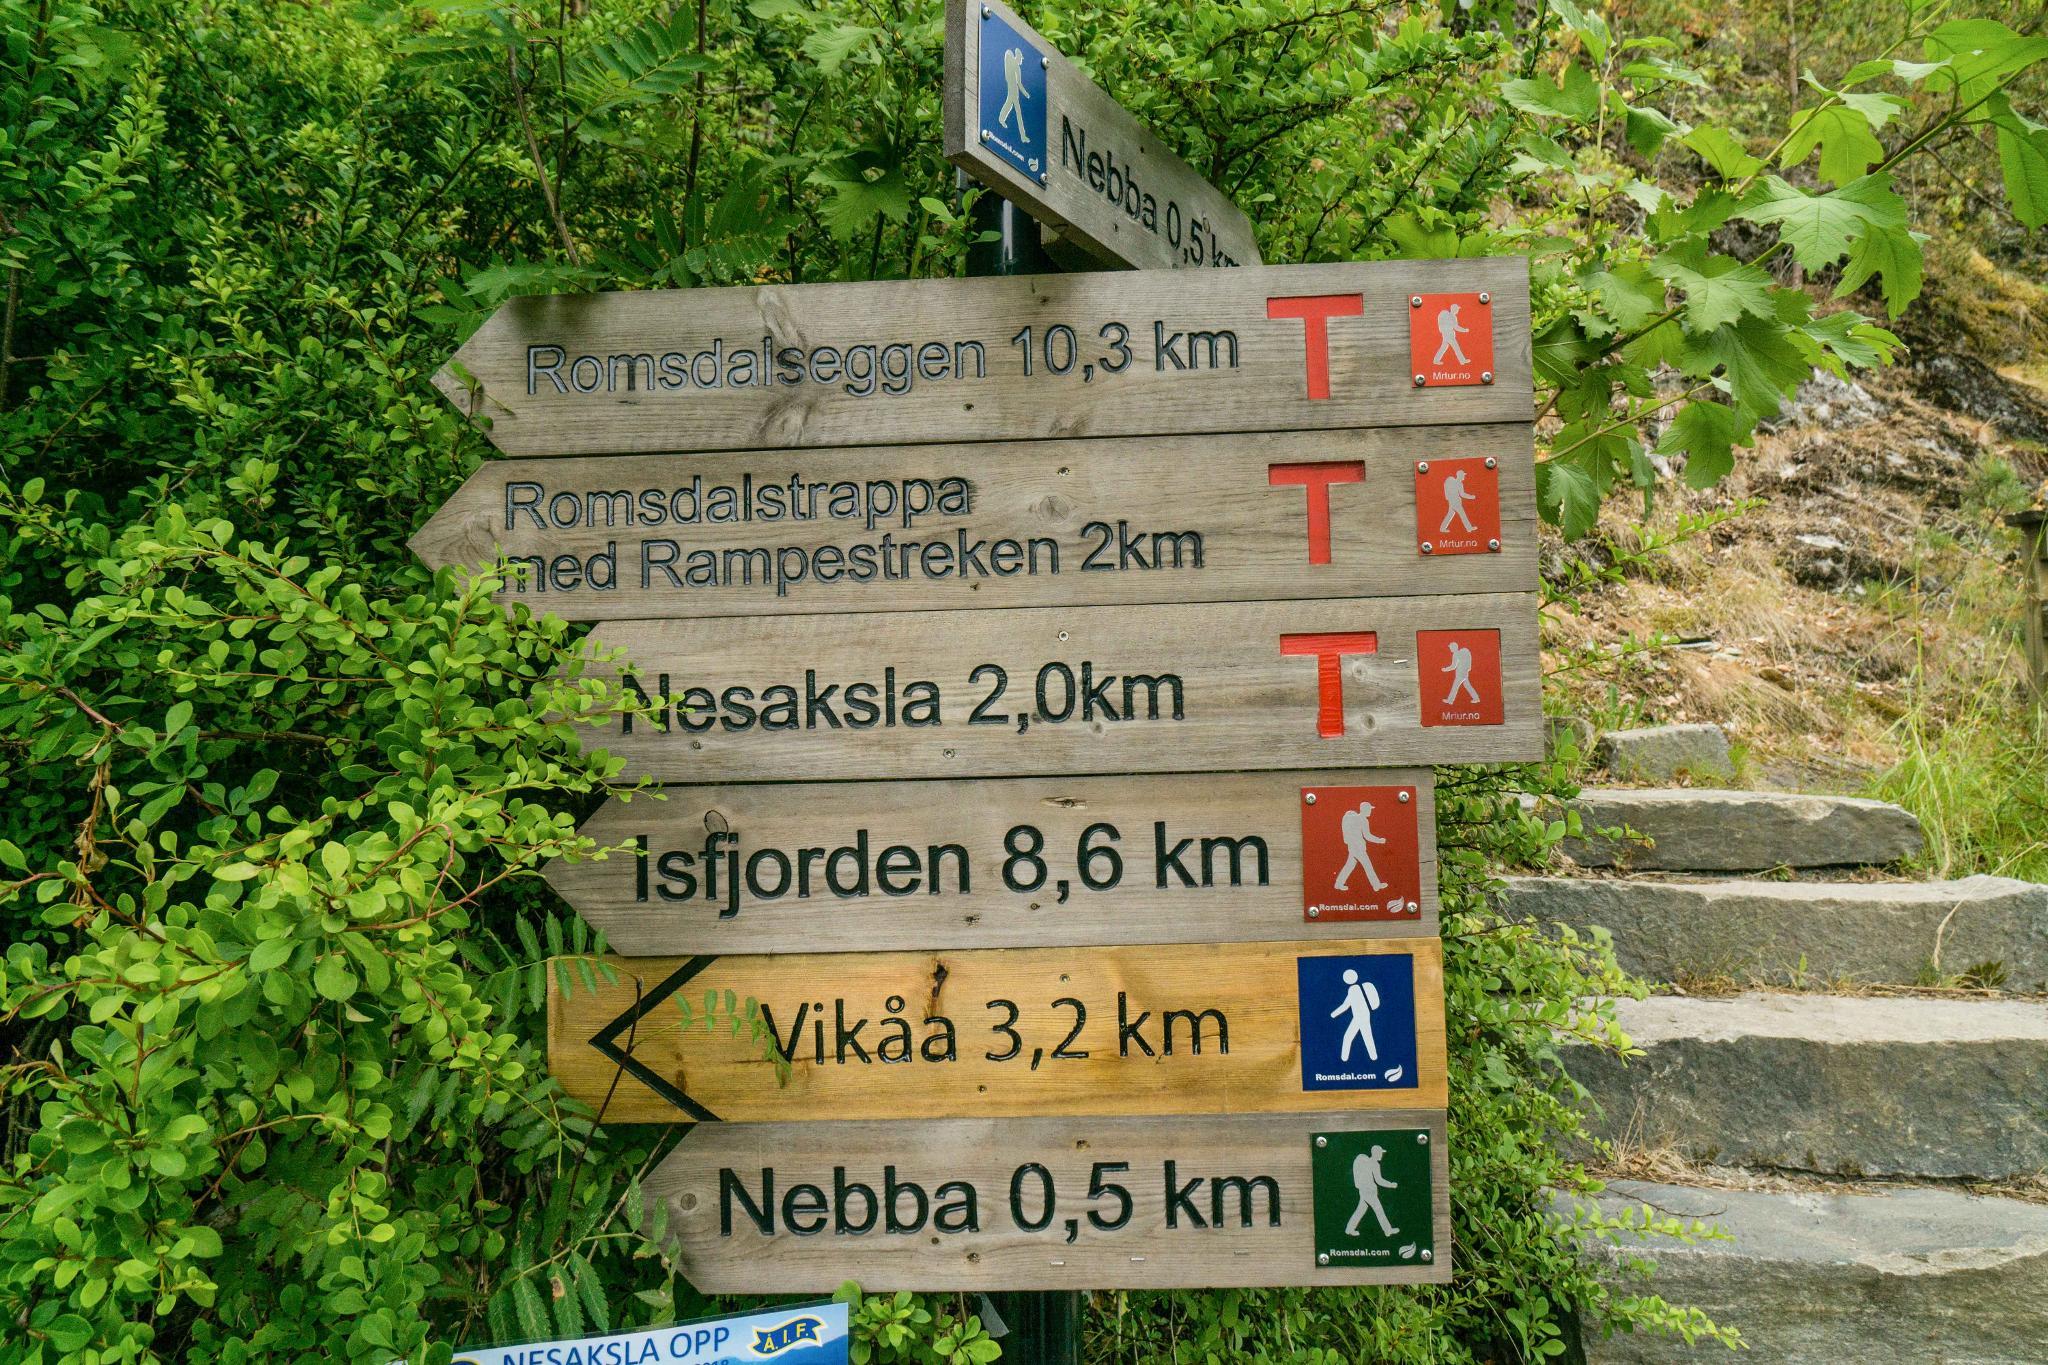 【北歐景點】峽灣區起點Åndalsnes健行 - 鳥瞰峽灣全景的Rampestreken觀景台 9